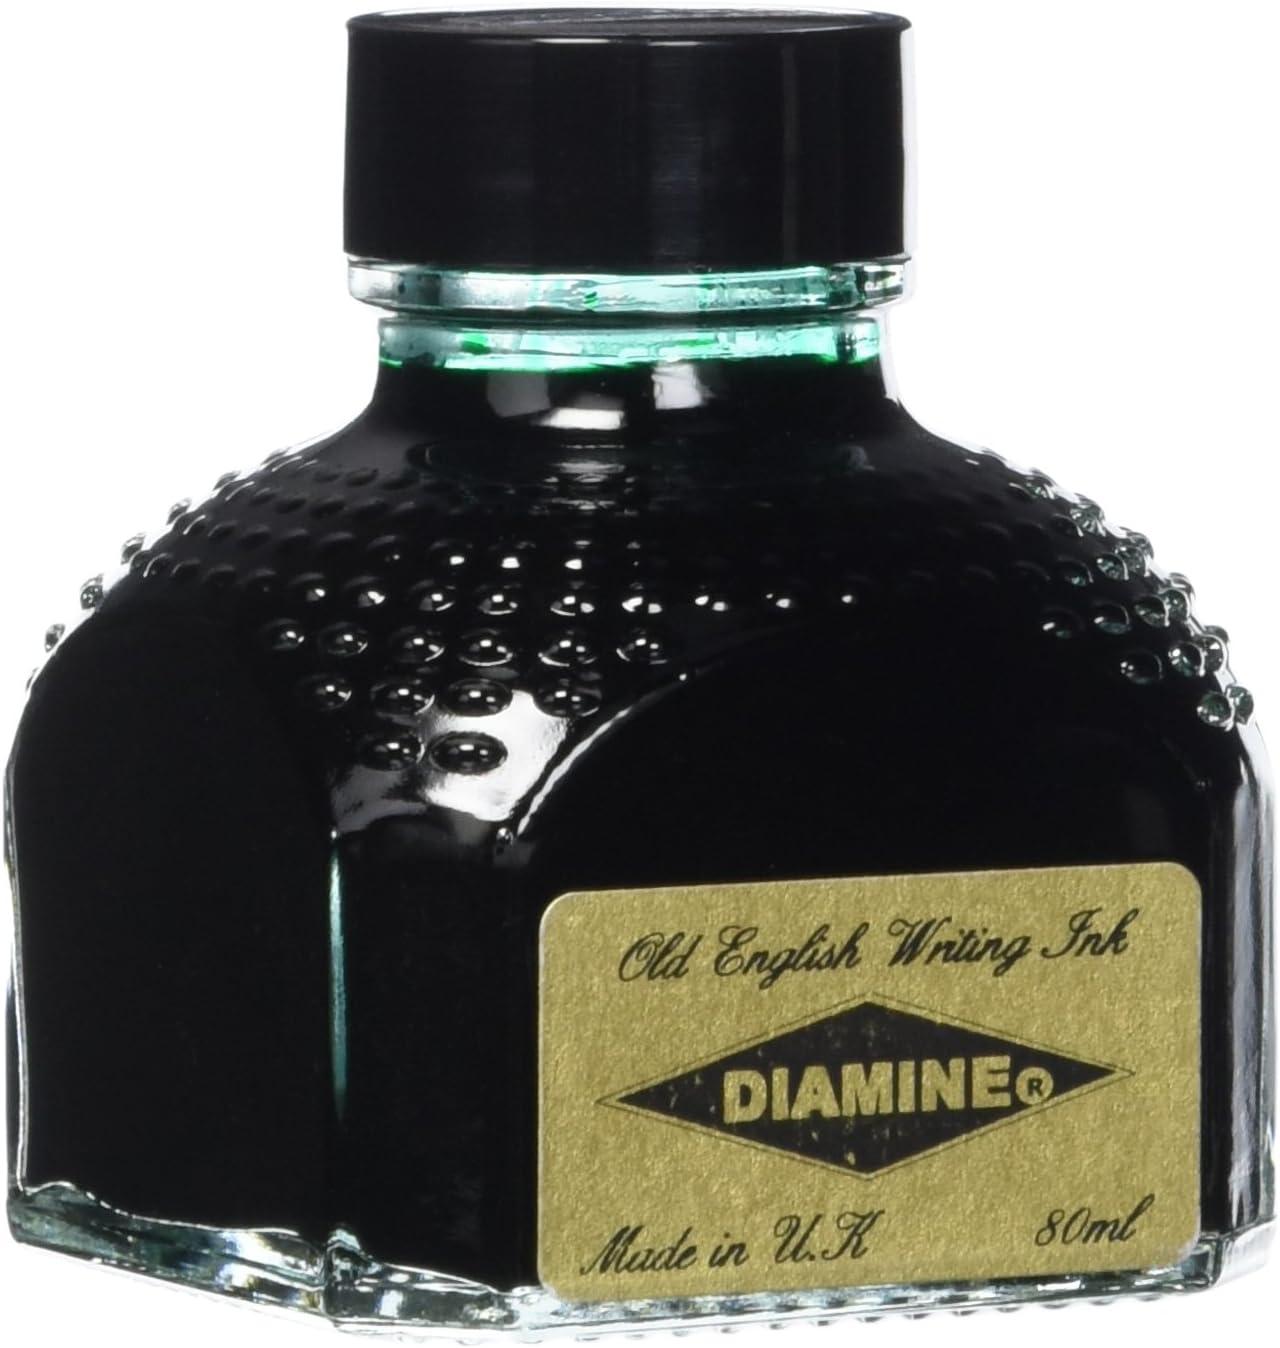 Diamine Fountain Inexpensive Pen Ink 80 Genuine Autumn ml Bottle Oak